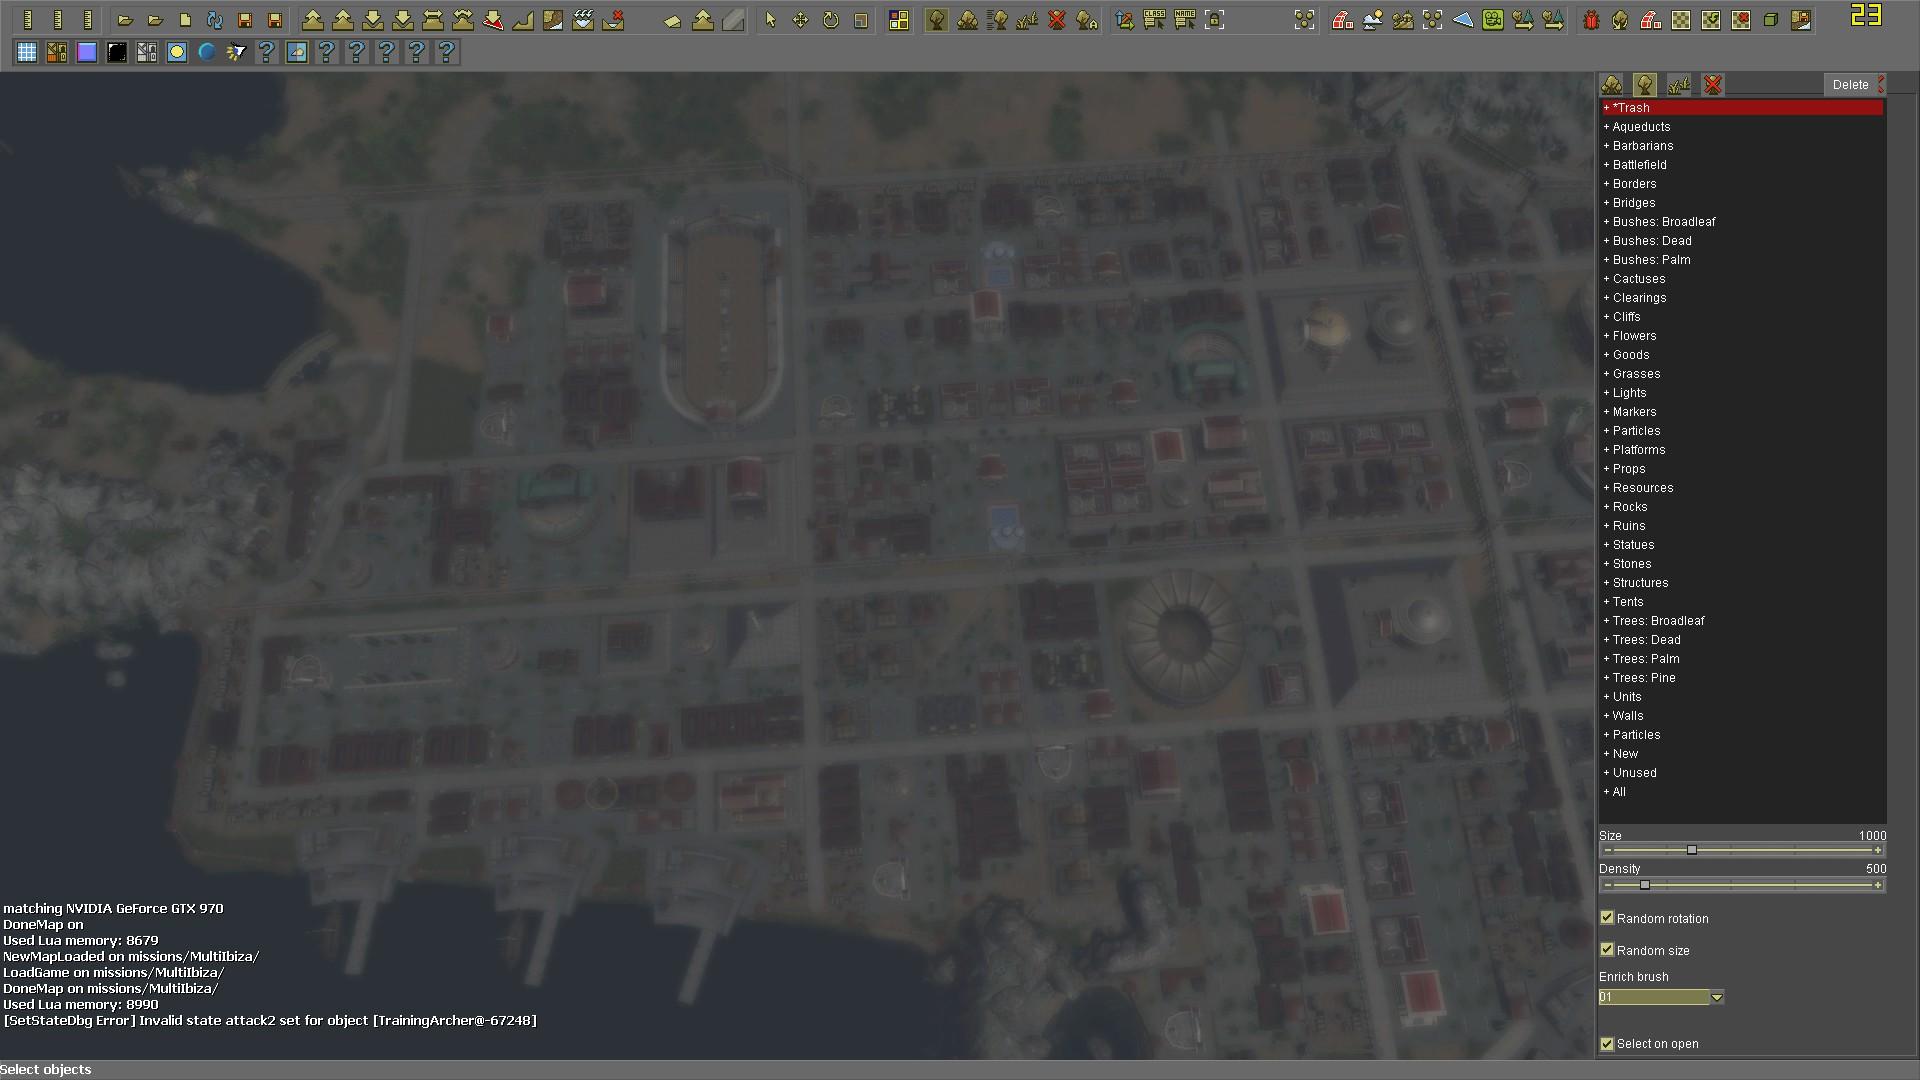 Civ v map editor tutorial